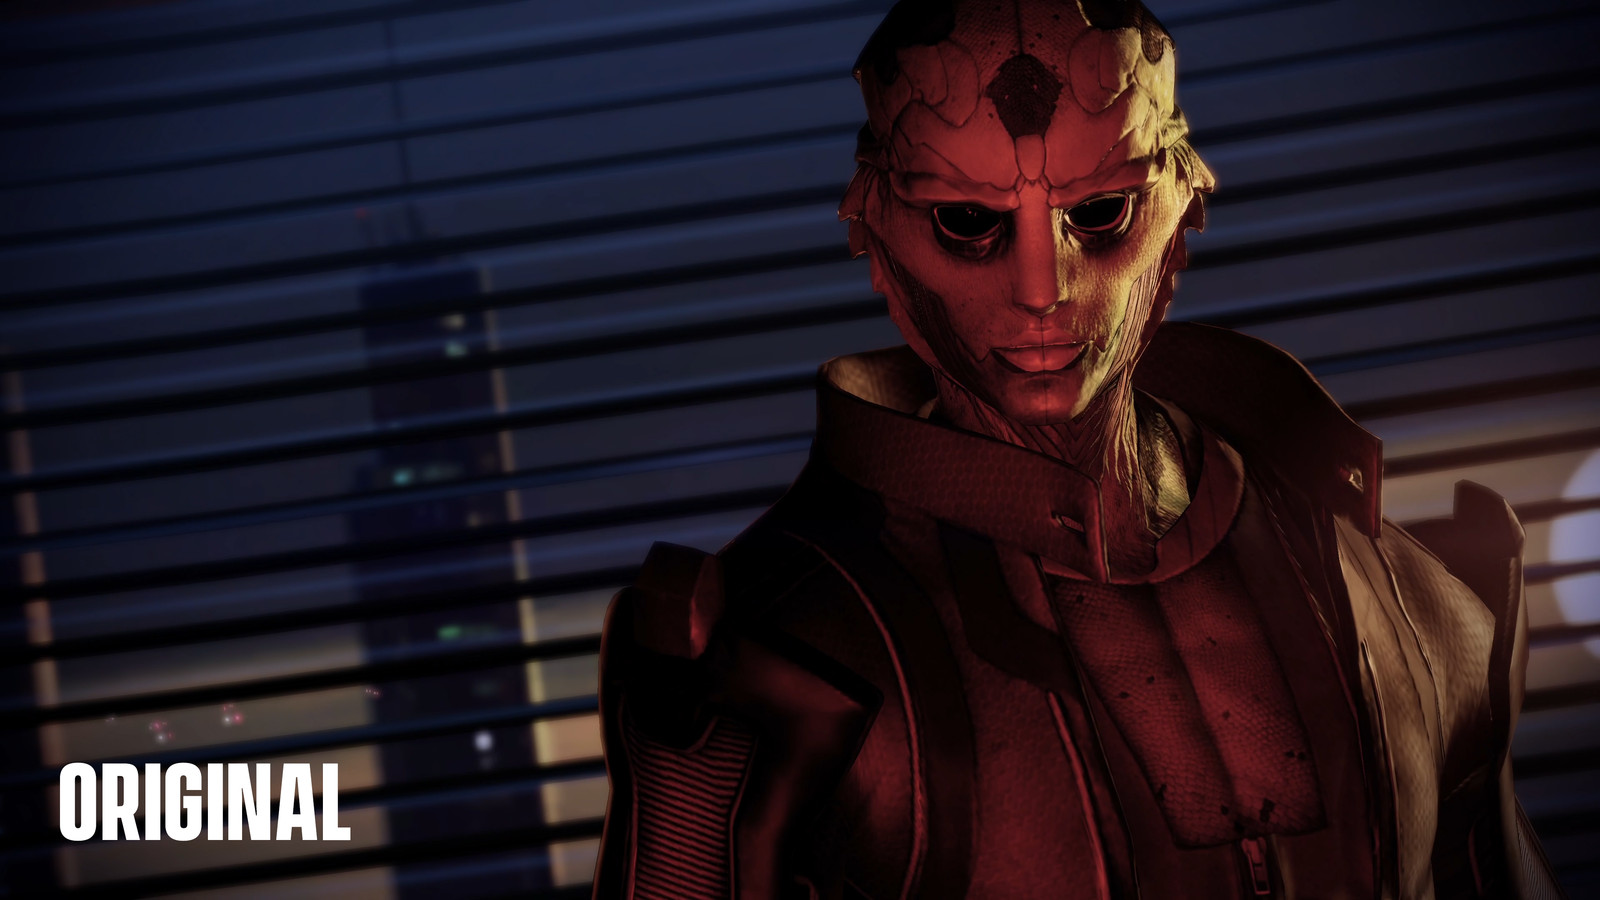 Ter vergelijking: een beeld uit de originele 'Mass Effect 2'...